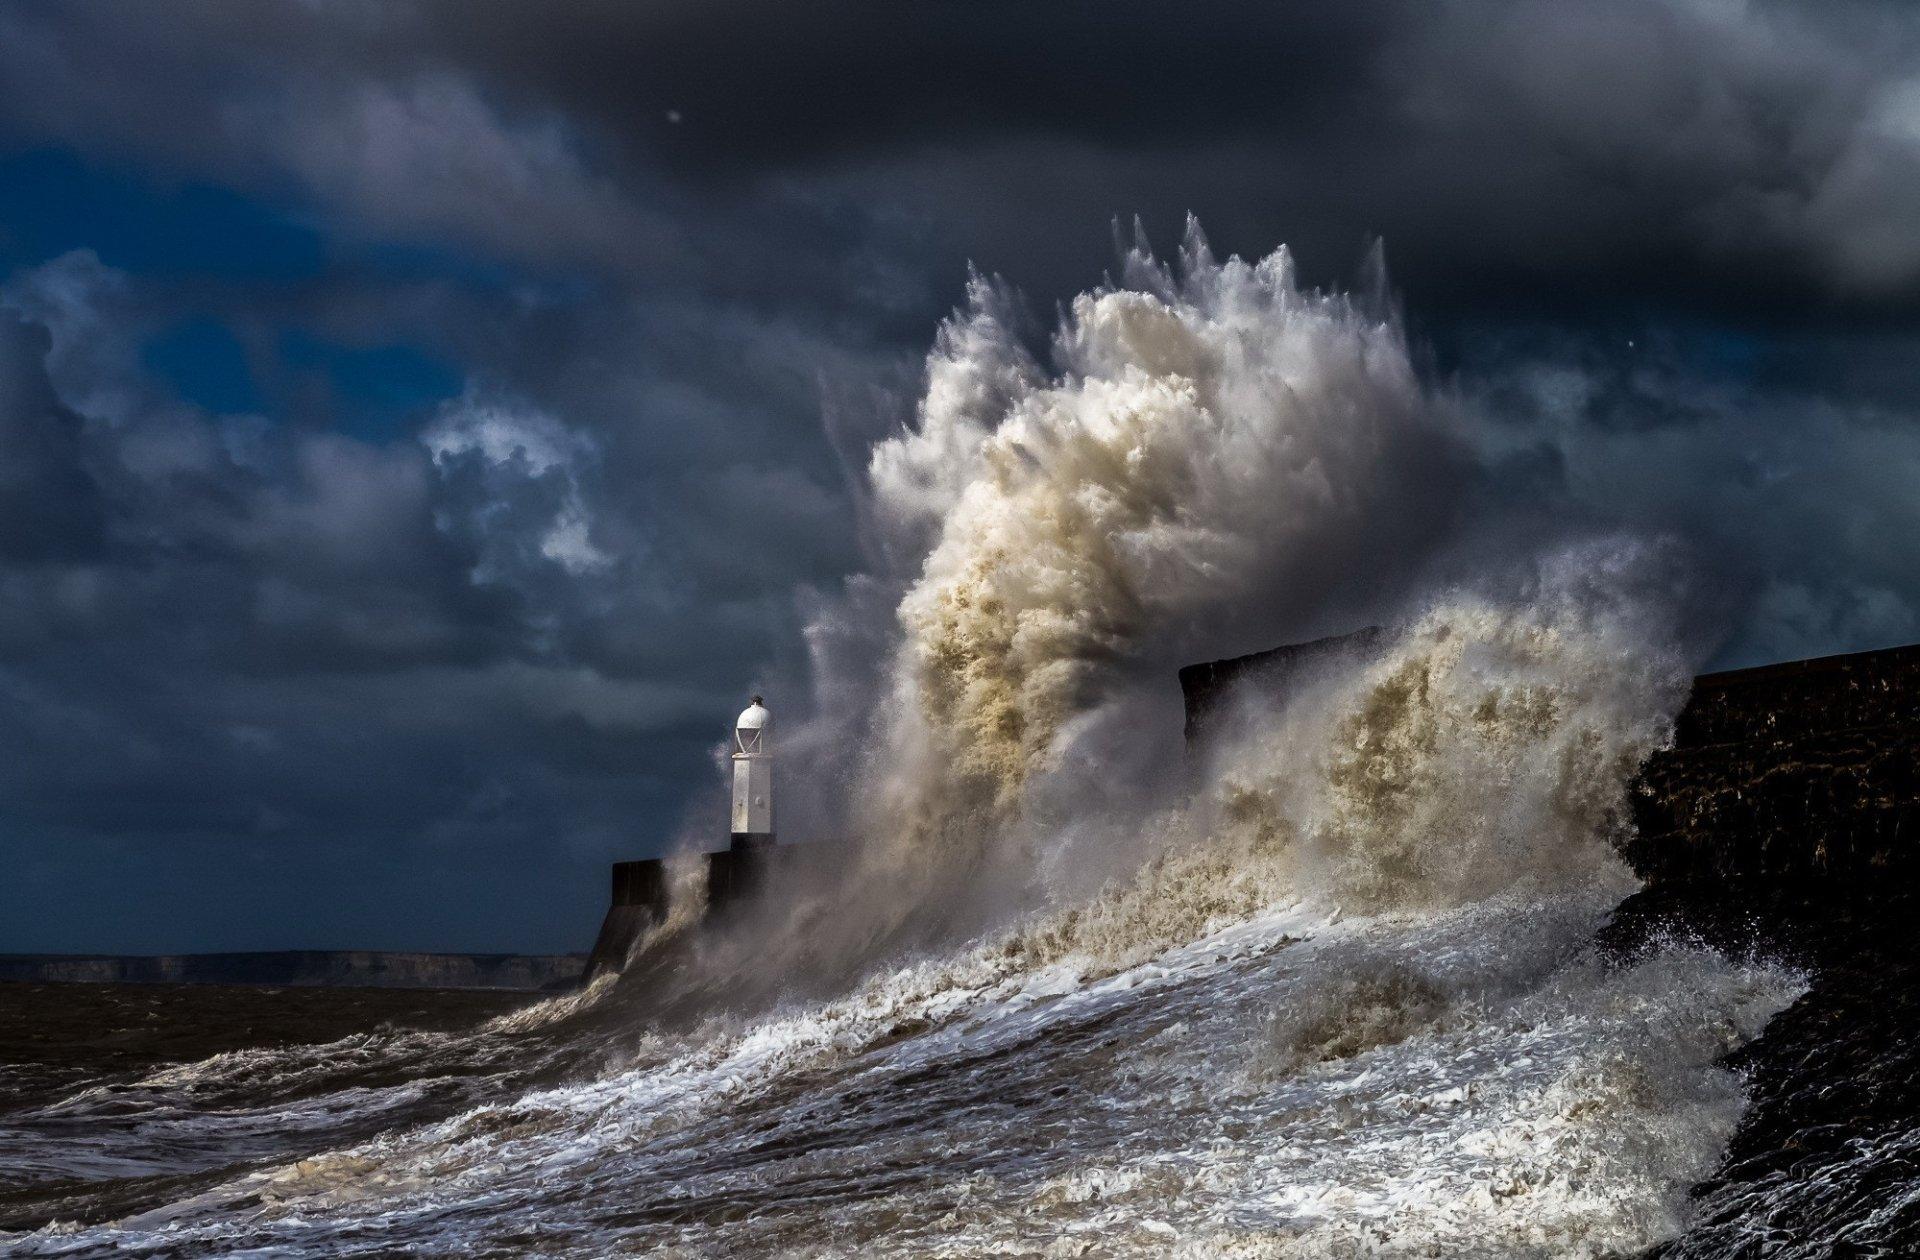 Man Made - Lighthouse  Man Made Ocean Storm Wave Cloud Gray Wallpaper